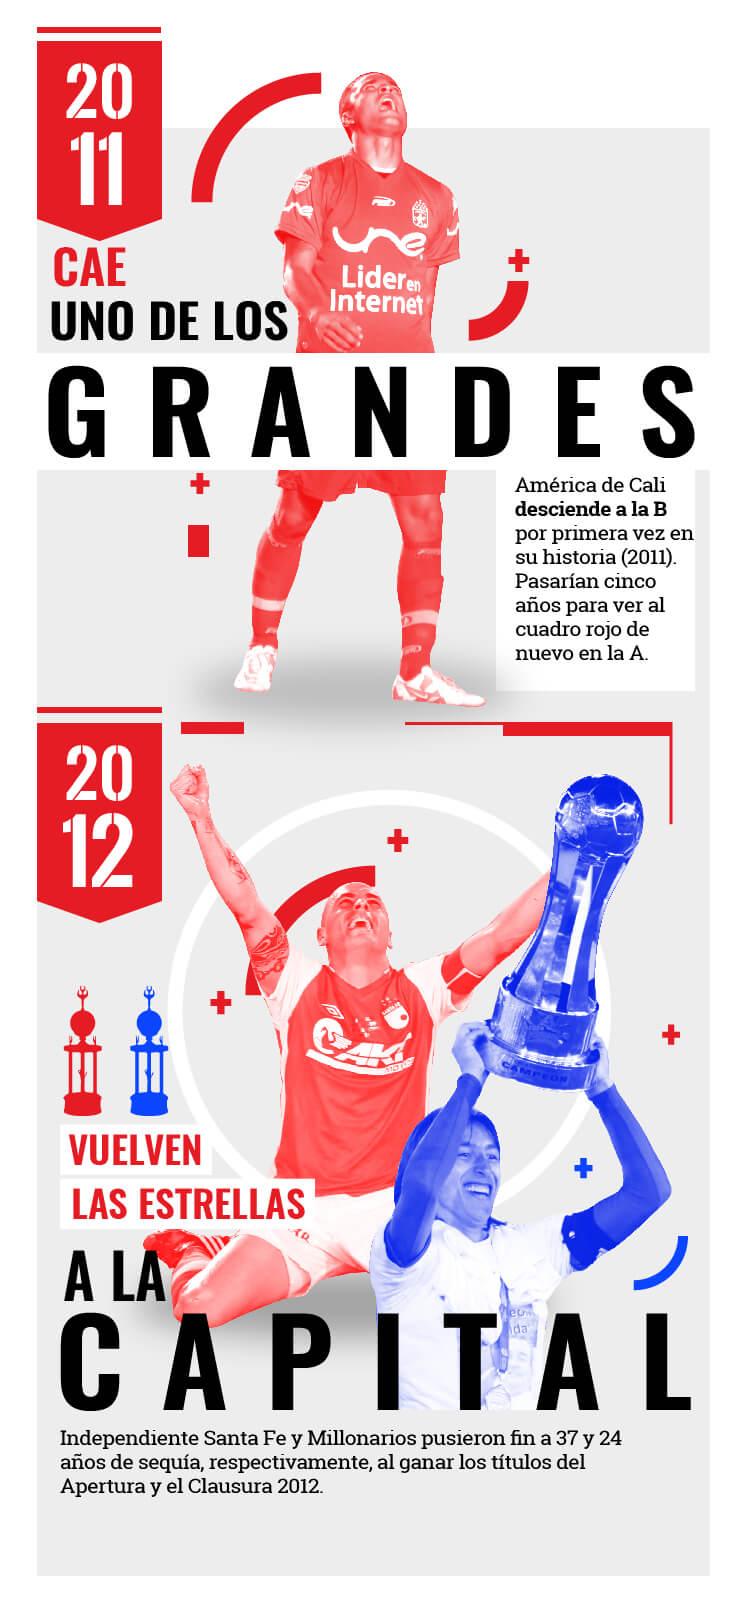 América vivió su drama en 2011, mientras Millonarios y Santa Fe celebraron en 2012